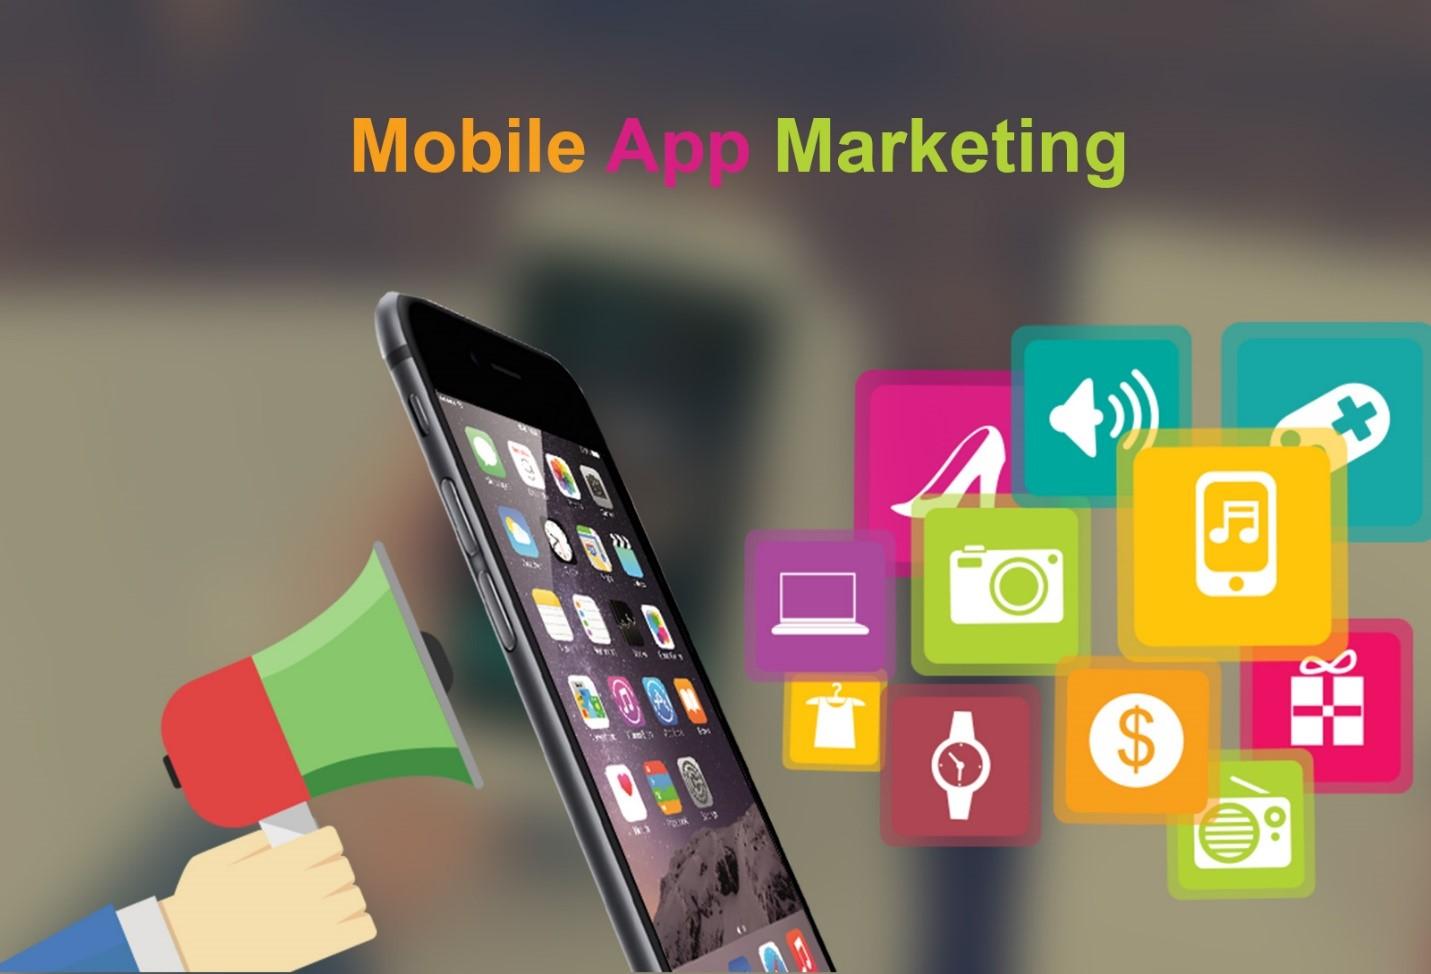 بازاریابی اپلیکیشن های موبایل چرا؟ و چگونه؟